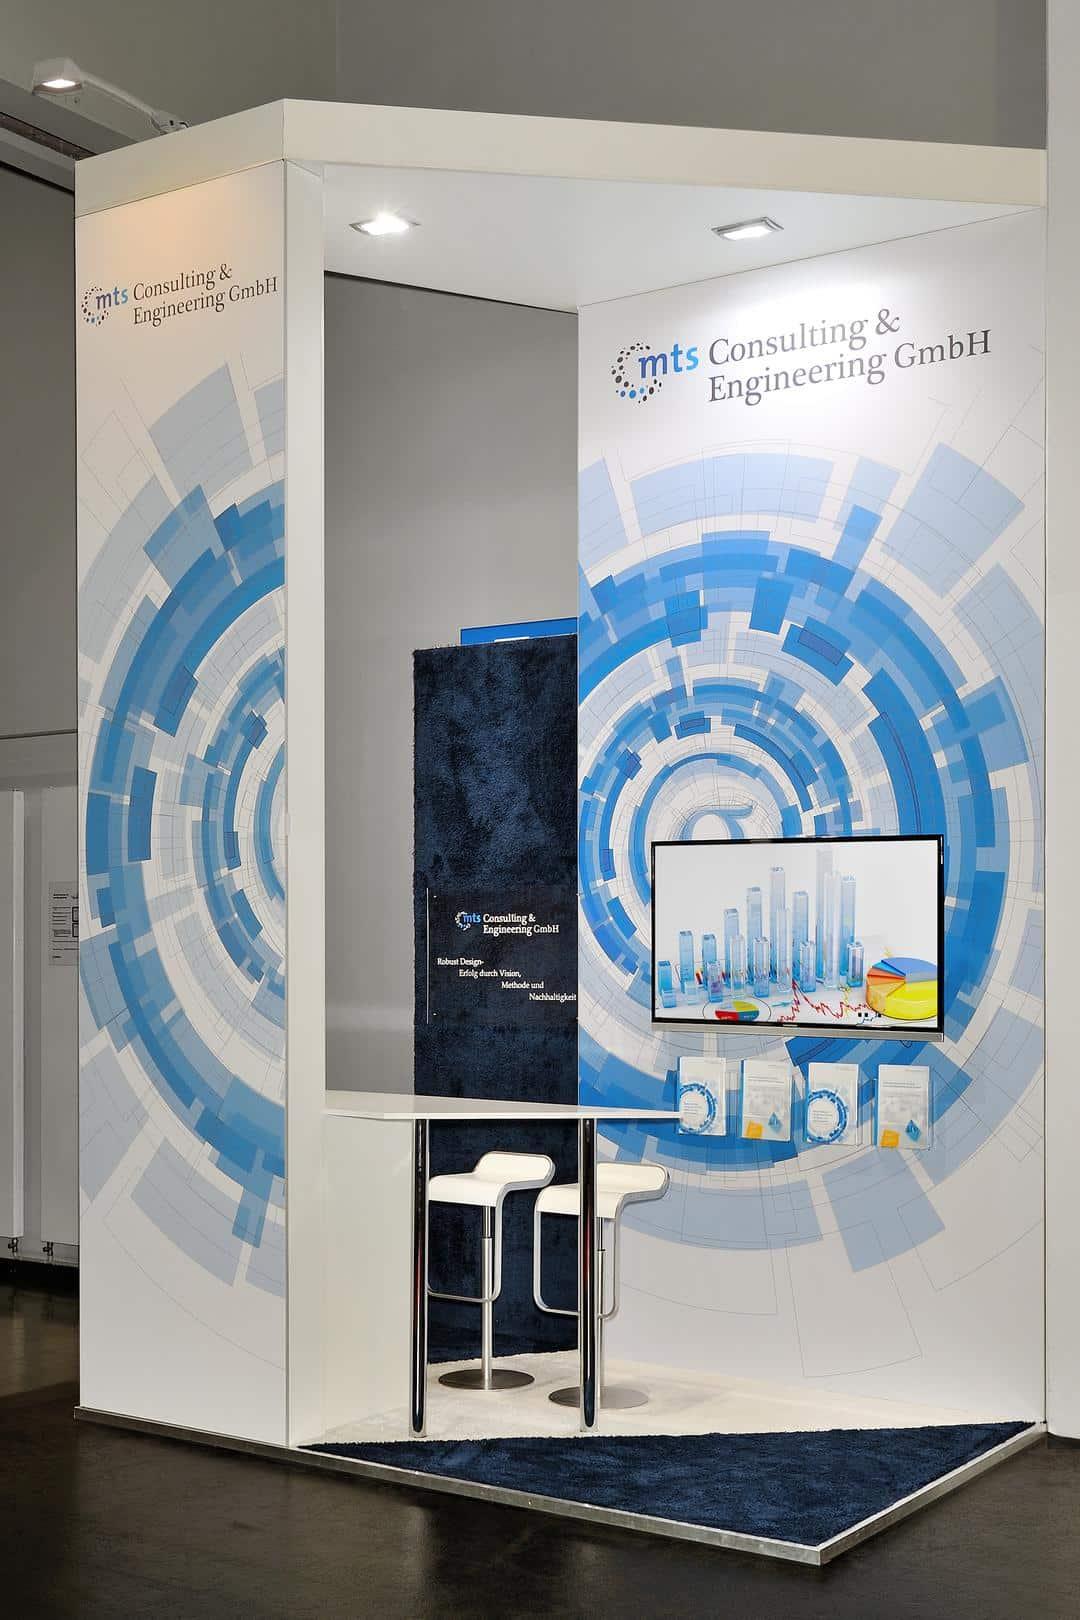 mts Consulting & Engineering GmbH - In über 800 Projekten wurde diese Methode erfolgreich angewendet.